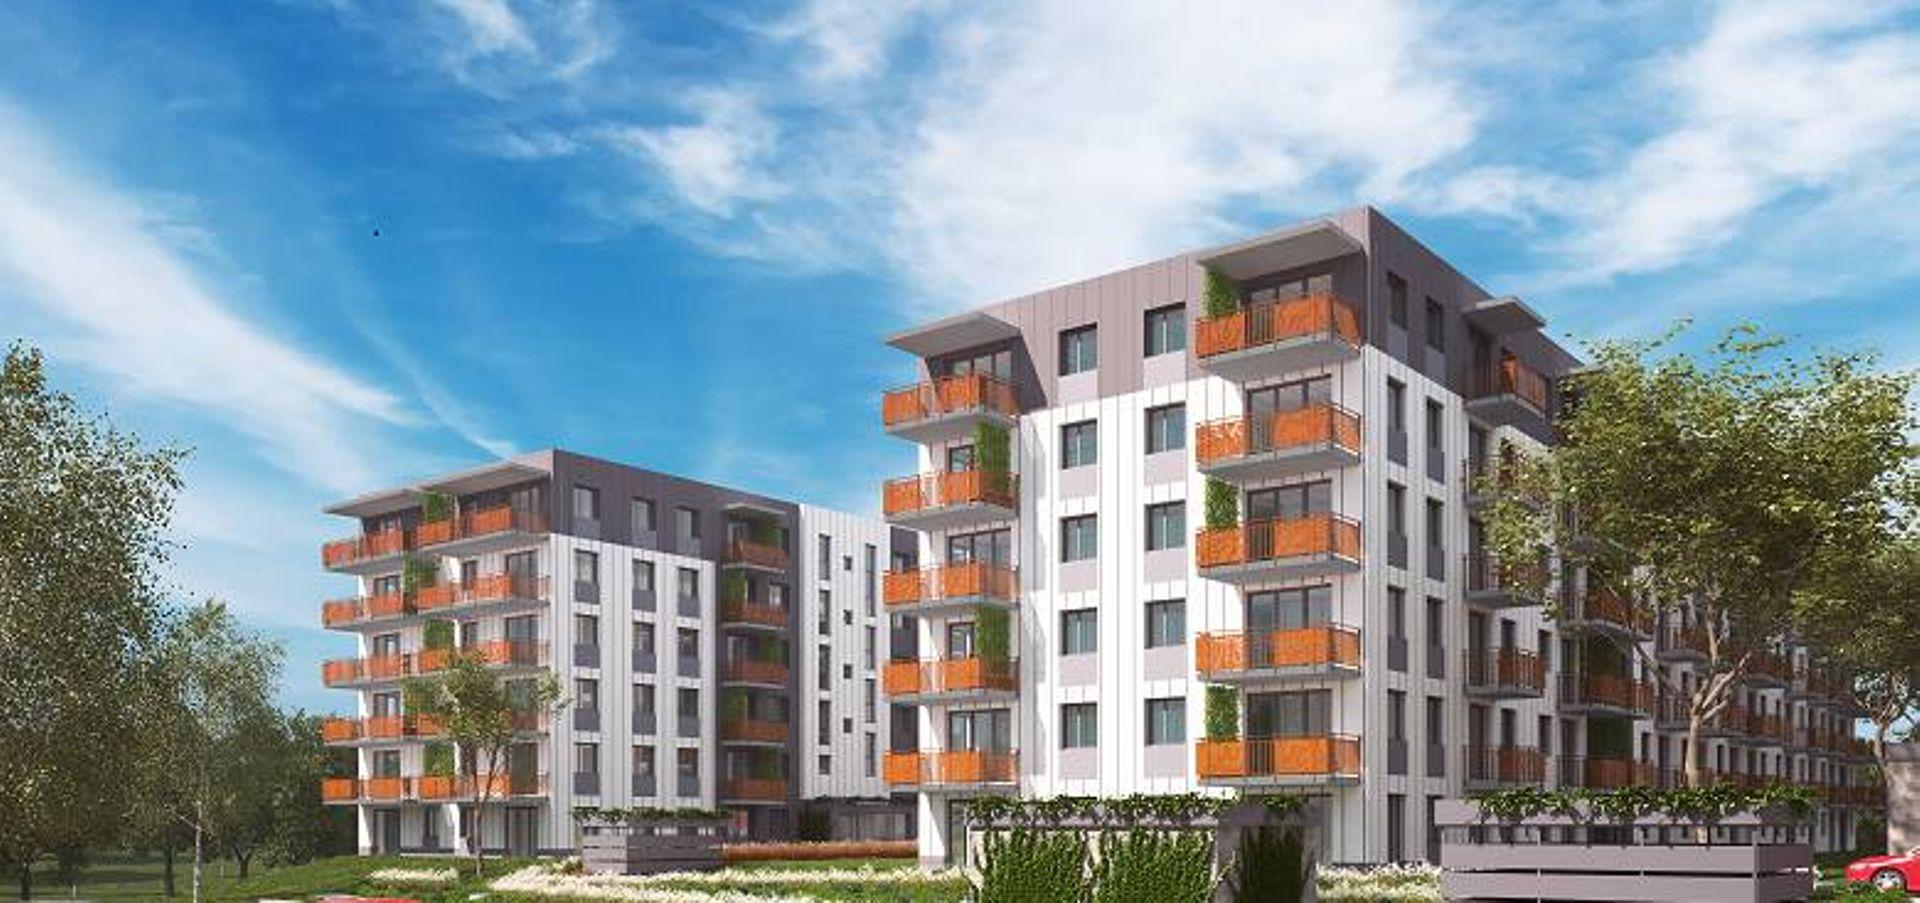 Kraków: Botanika – Stylhut zbuduje blisko 200 mieszkań w ostatnim etapie osiedla w Czyżynach